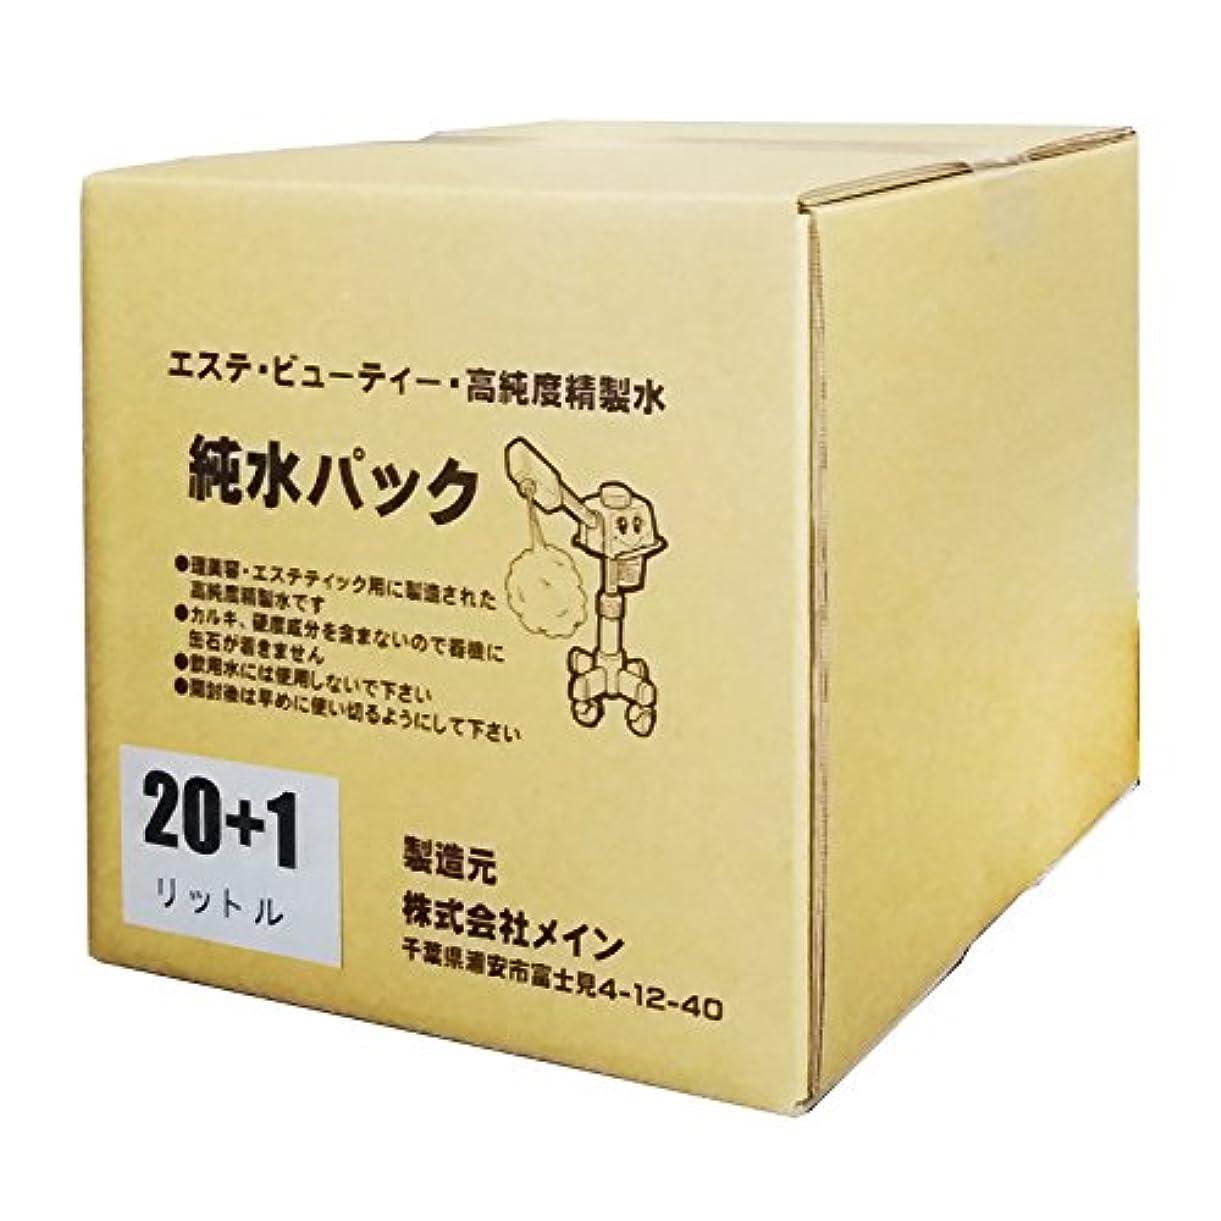 列車メディア寺院増量中 21L 高純度 精製水 20 L + 1L 純水パック コック付 日本製 エステ スチーマー (1個)